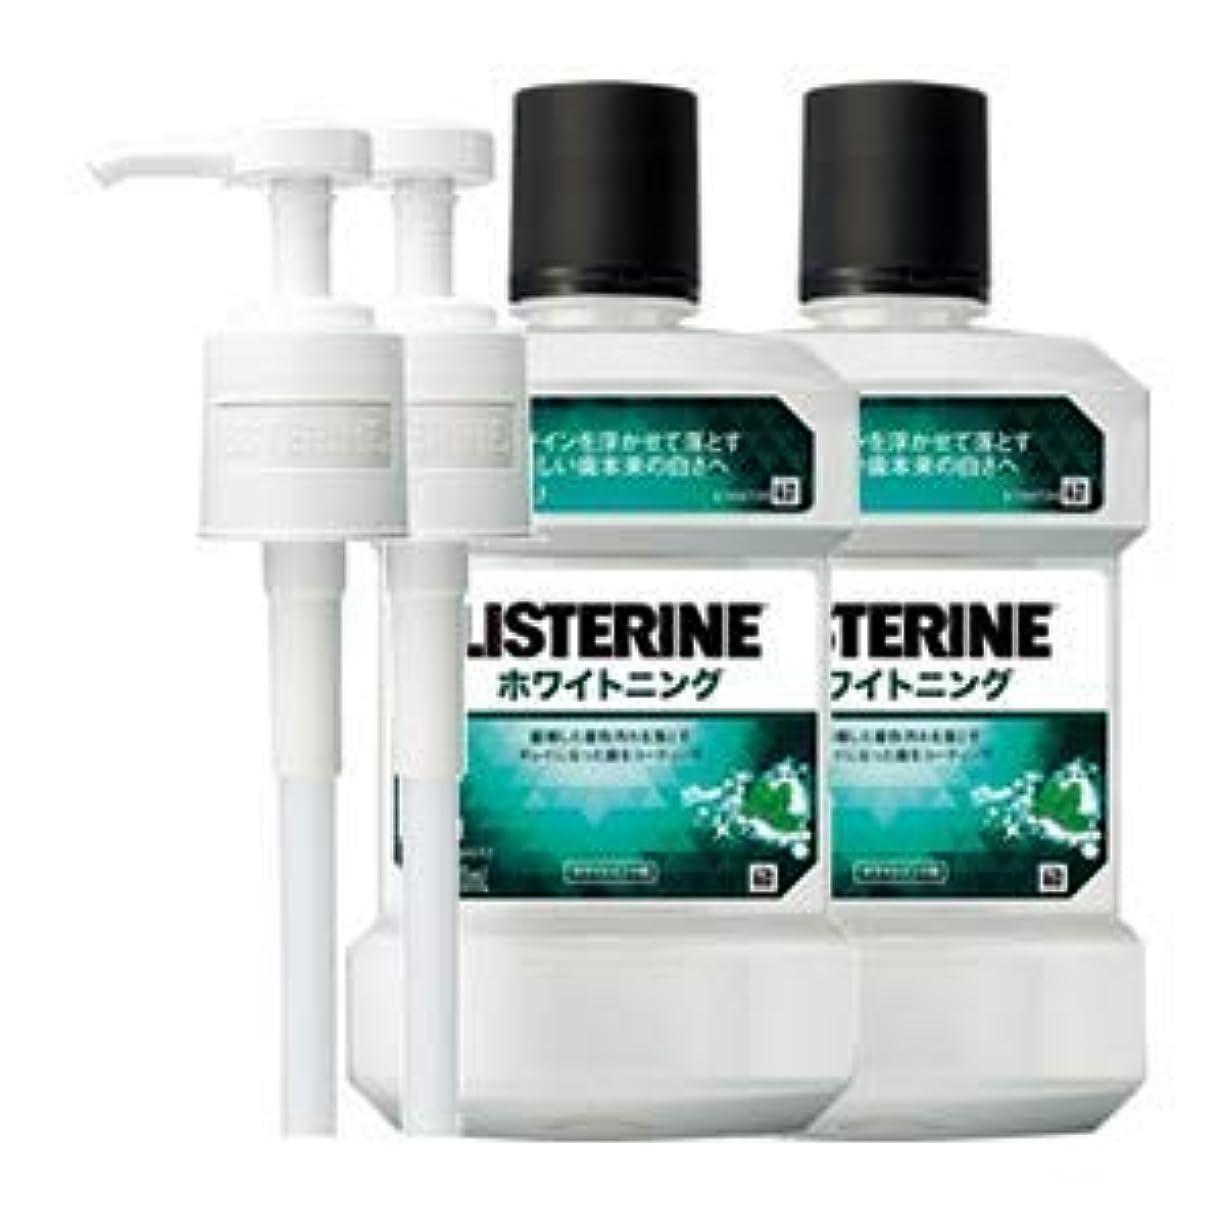 くつろぐ作動する持続的薬用 リステリン ホワイトニング (液体歯磨) 1000mL 2点セット (ポンプ付)